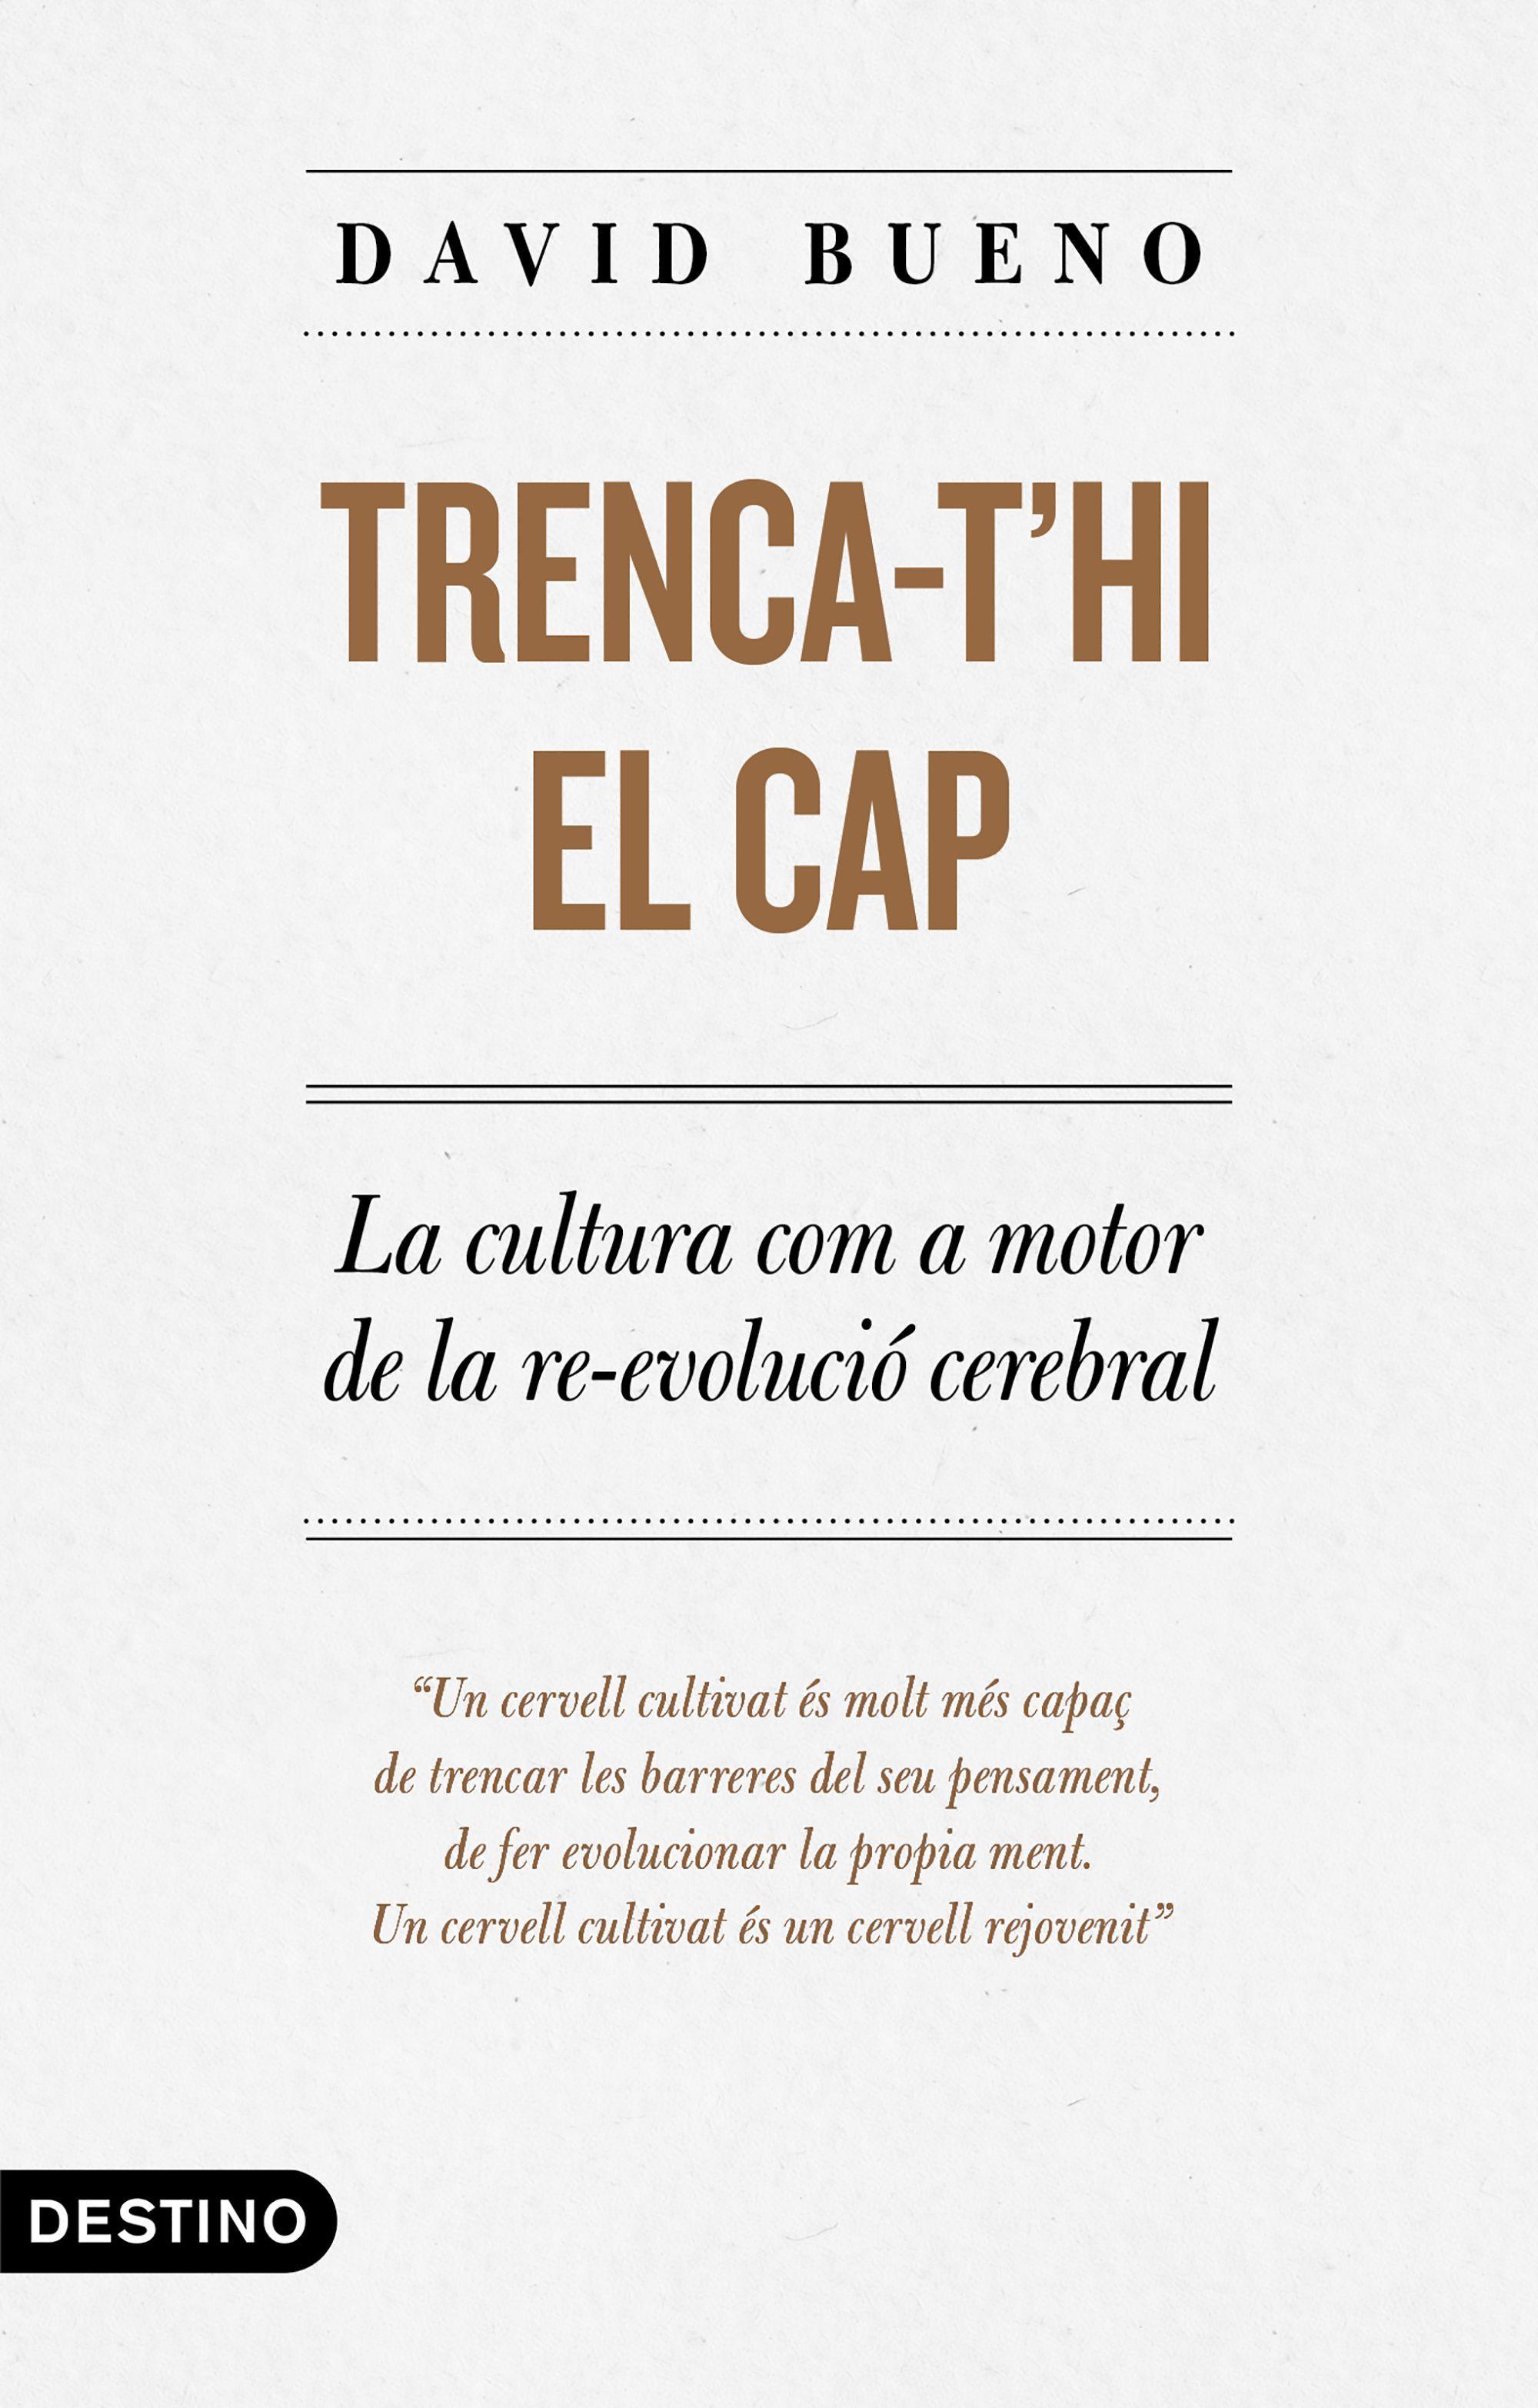 TRENCA T HI EL CAP